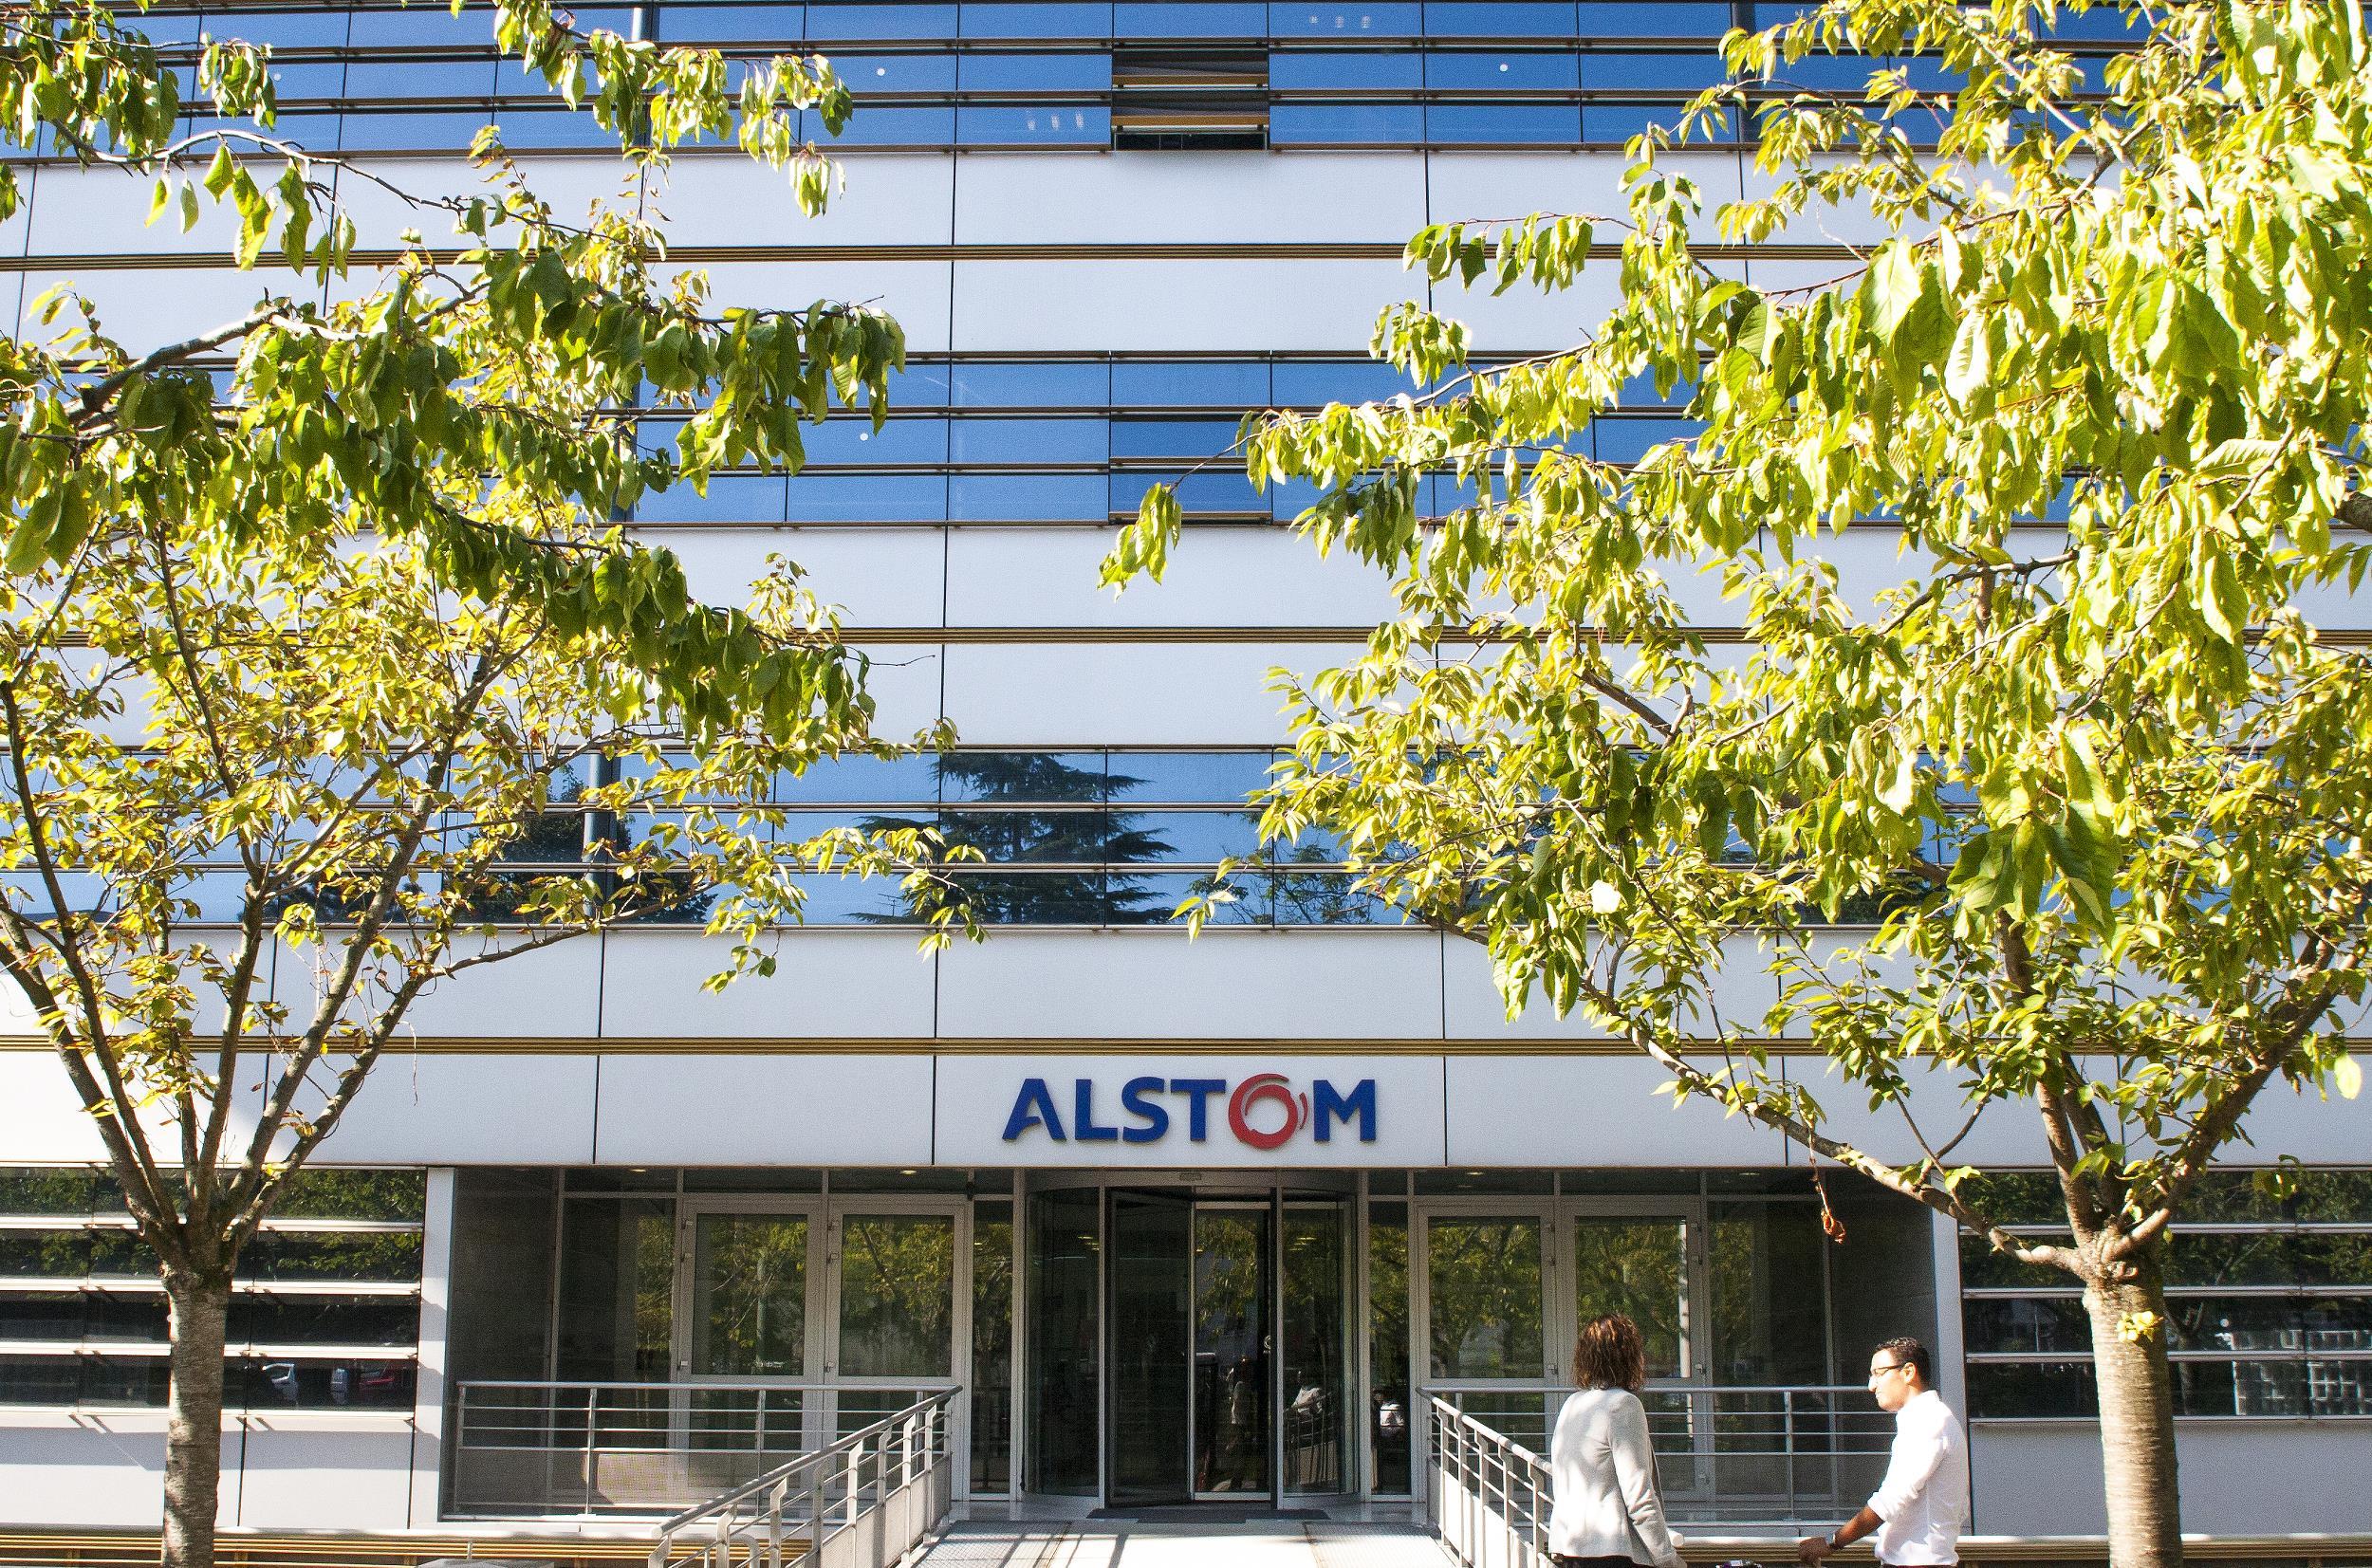 Alstom : Bouygues obtient plus de 1 milliard d'euros de la vente de 13% du capital de Bouygues